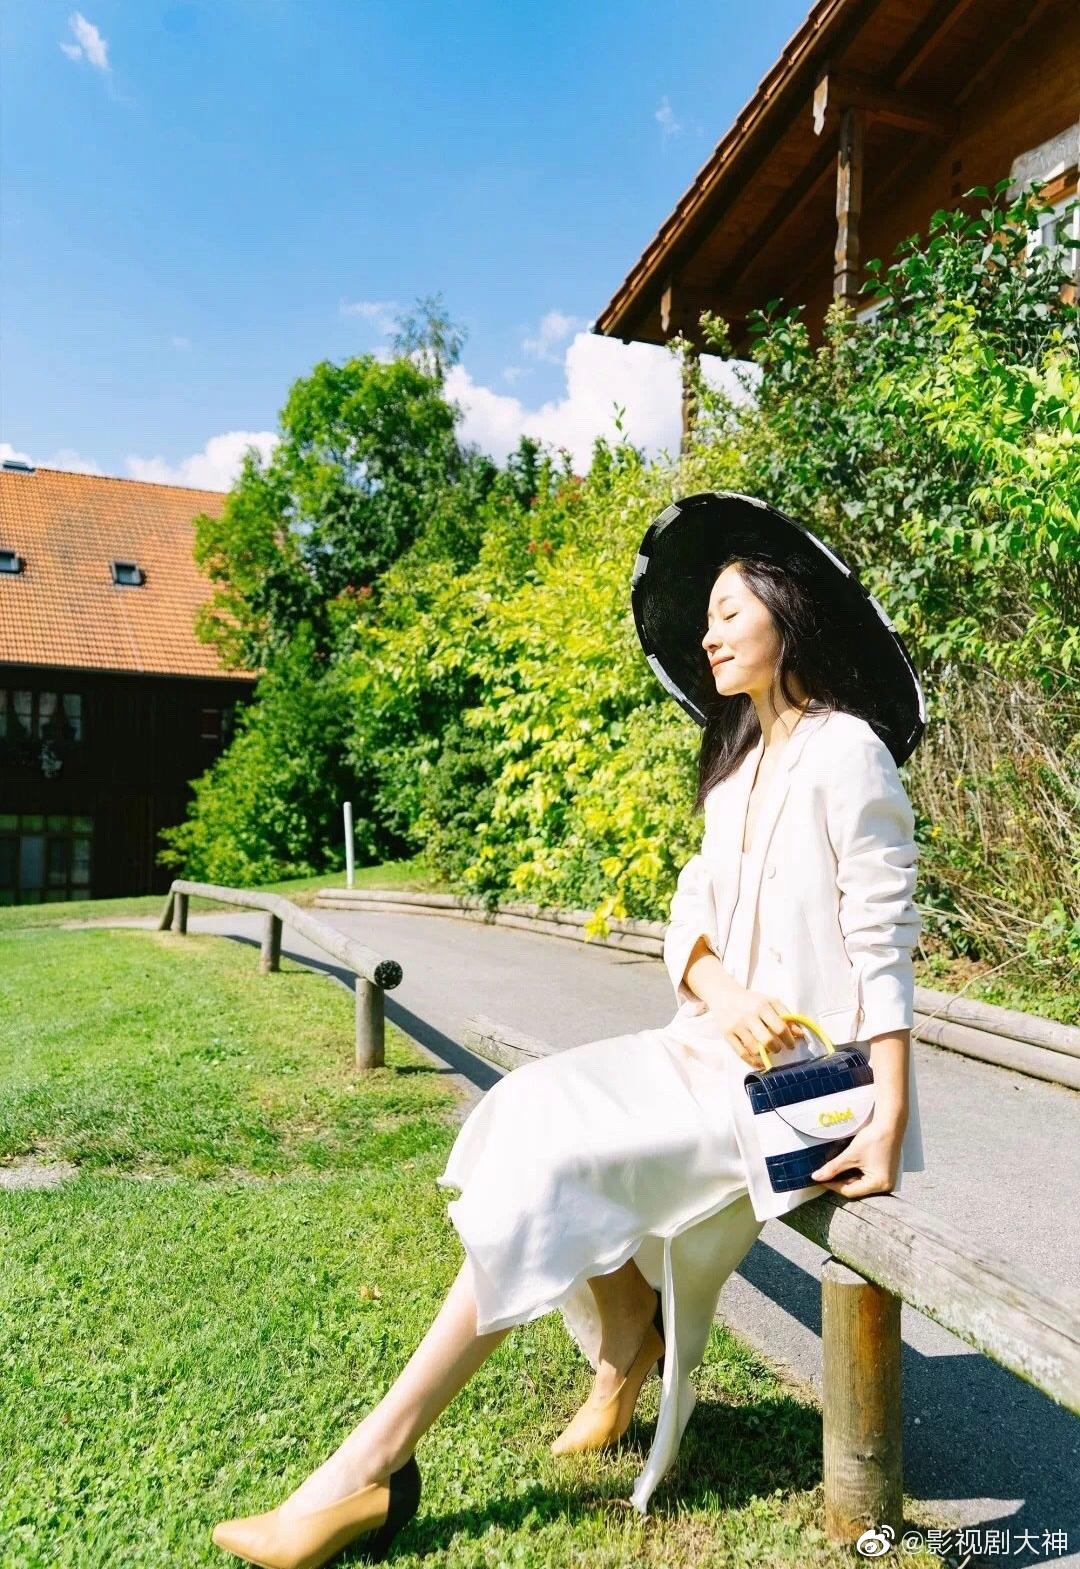 江一燕最新秋日写真,白色西装外套白色内搭长裙,搭配黑色遮阳帽